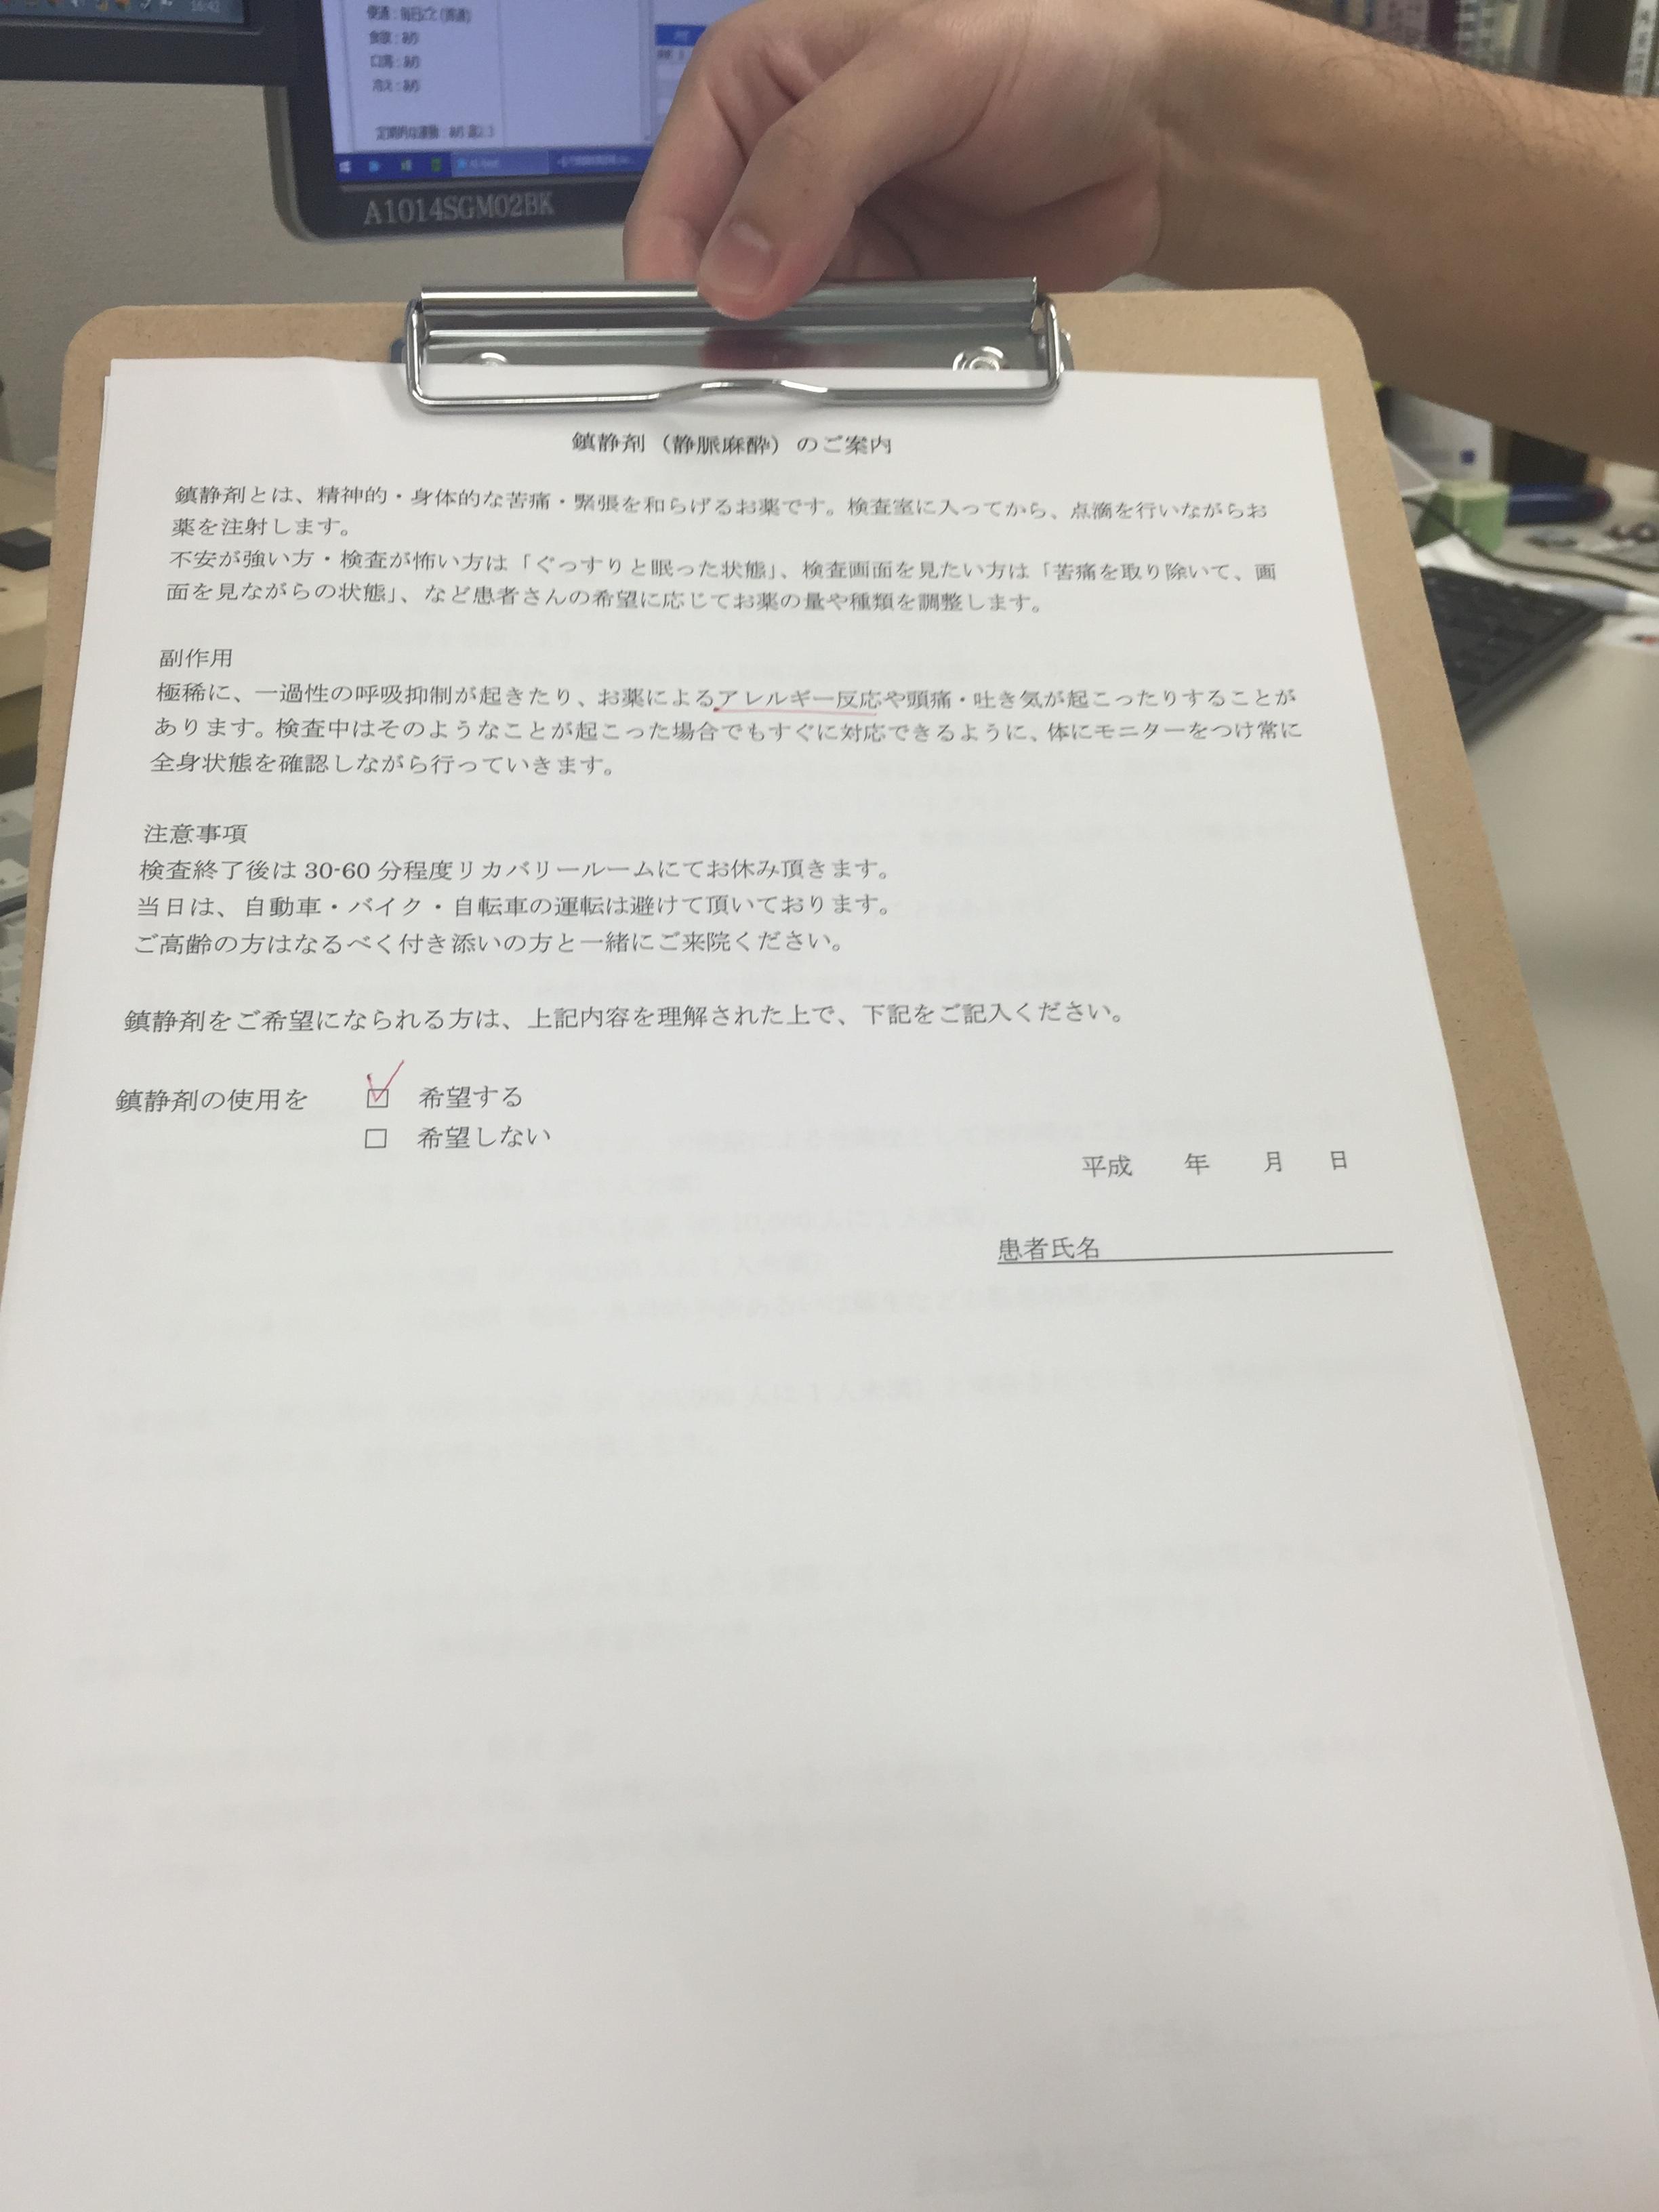 同意書の記入